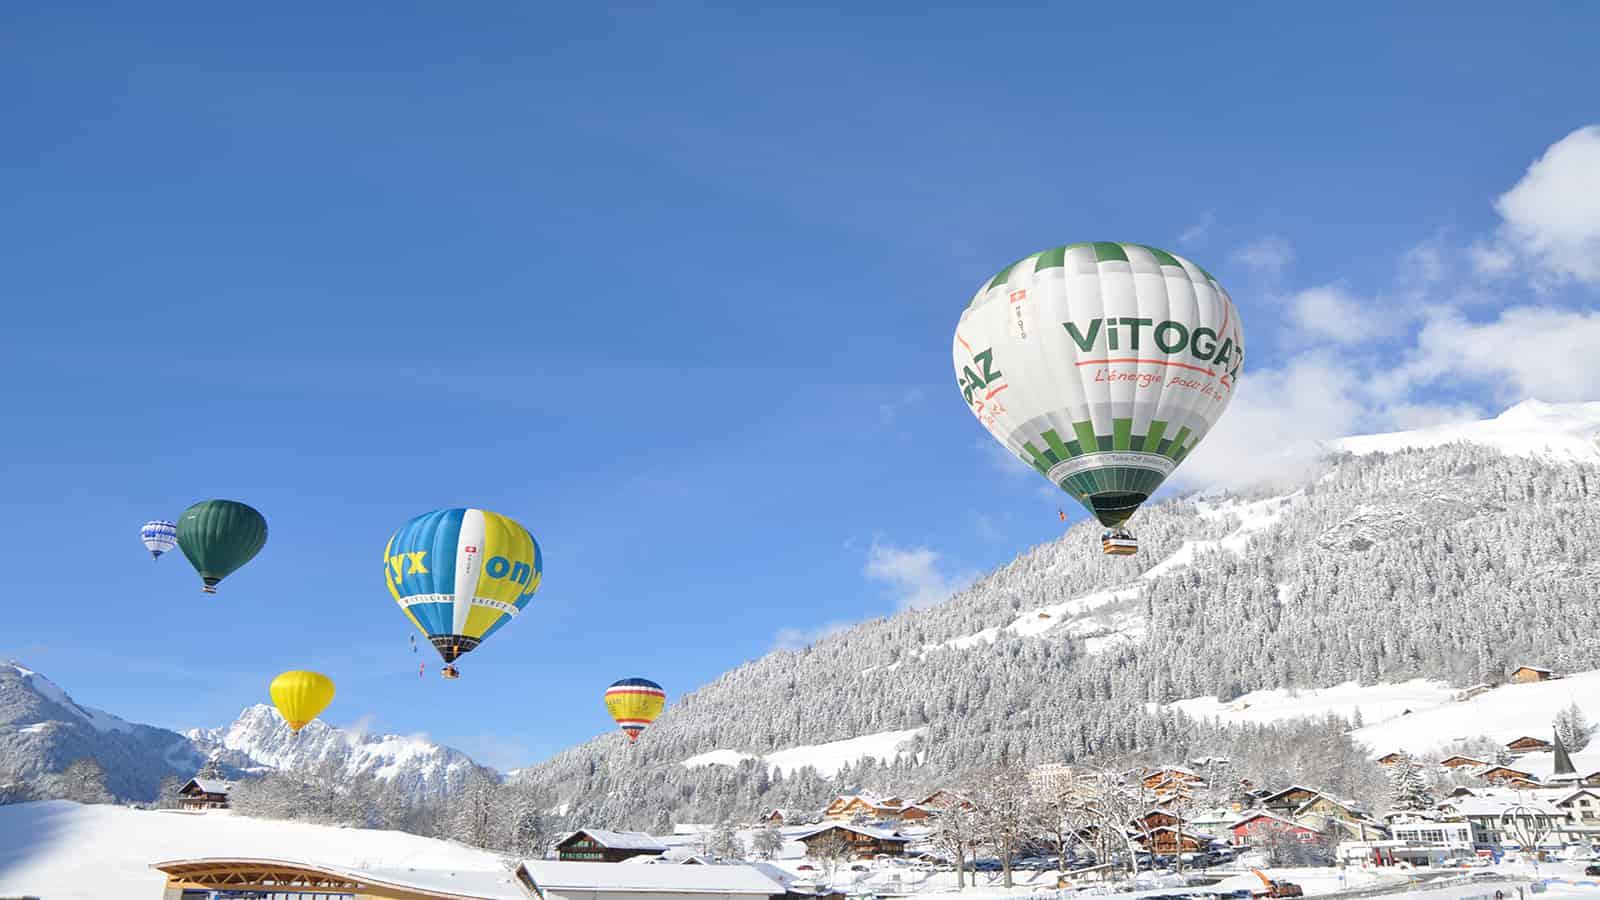 Thụy sĩ với nhiều lễ hội nổi tiếng được tổ chức hàng năm